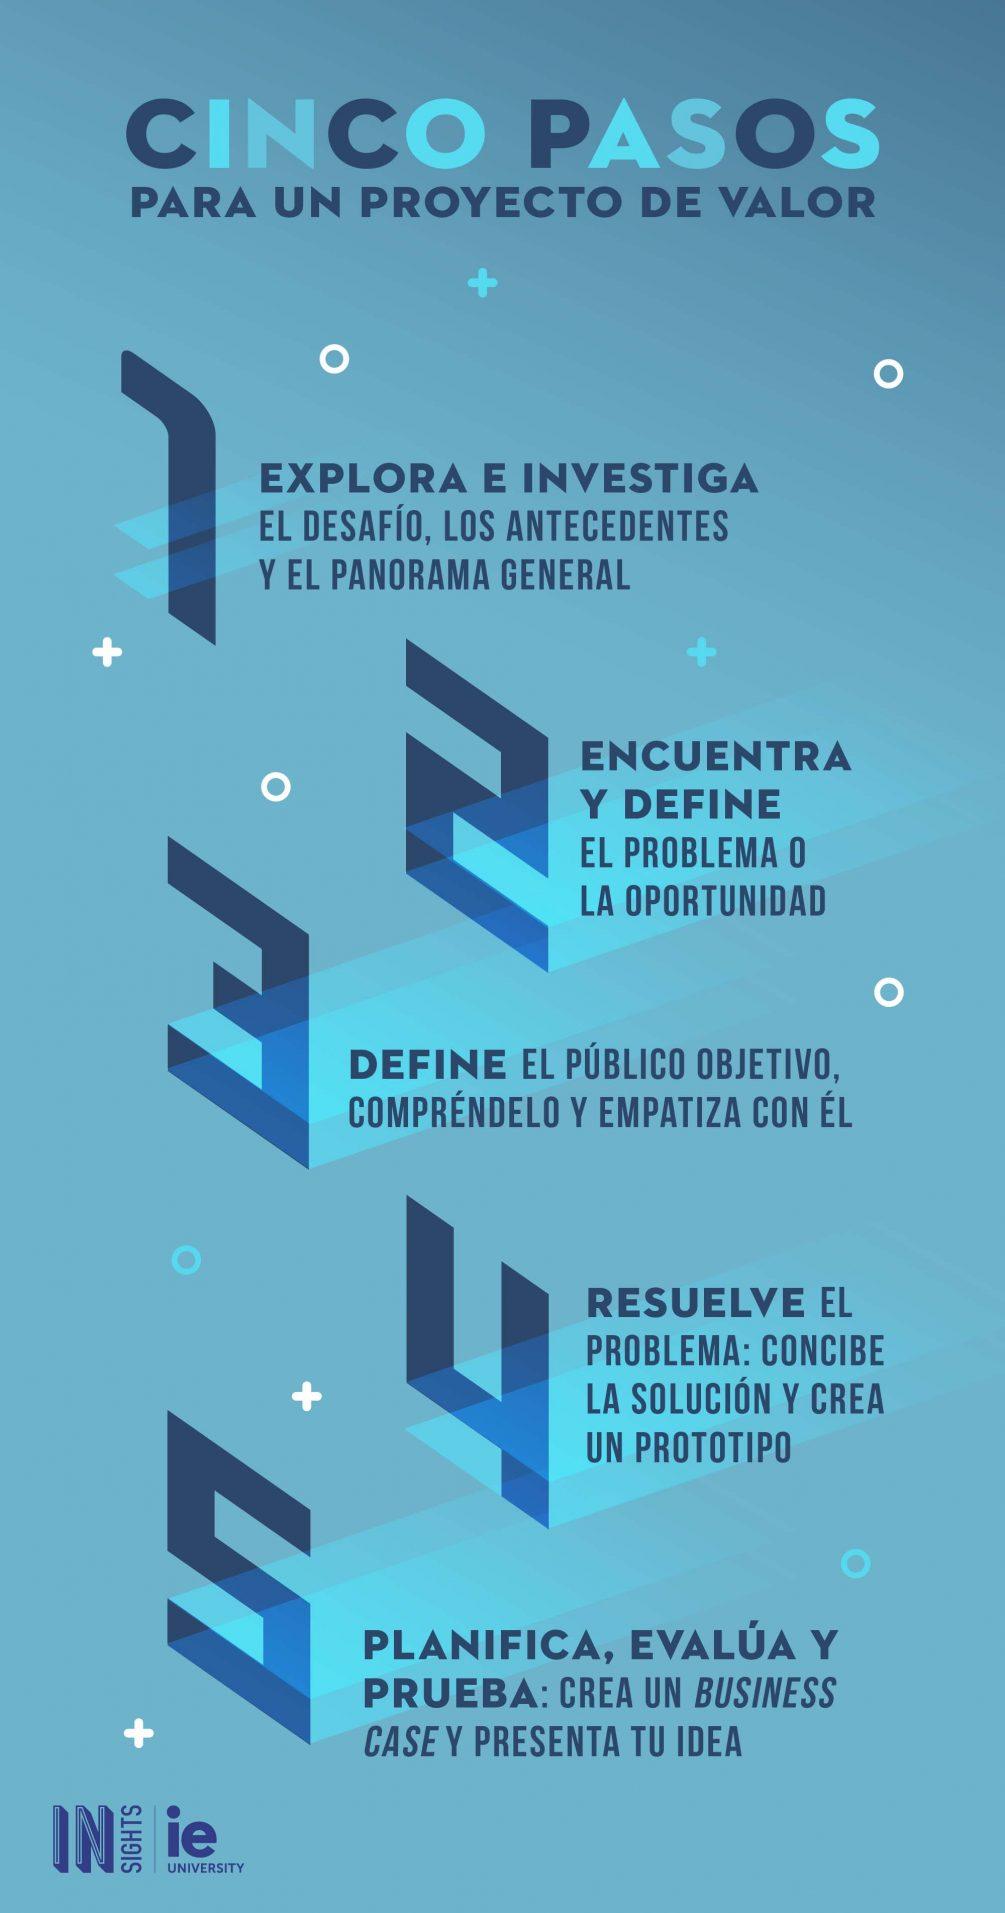 Infografia Cinco pasos para un proyecto de valor esp